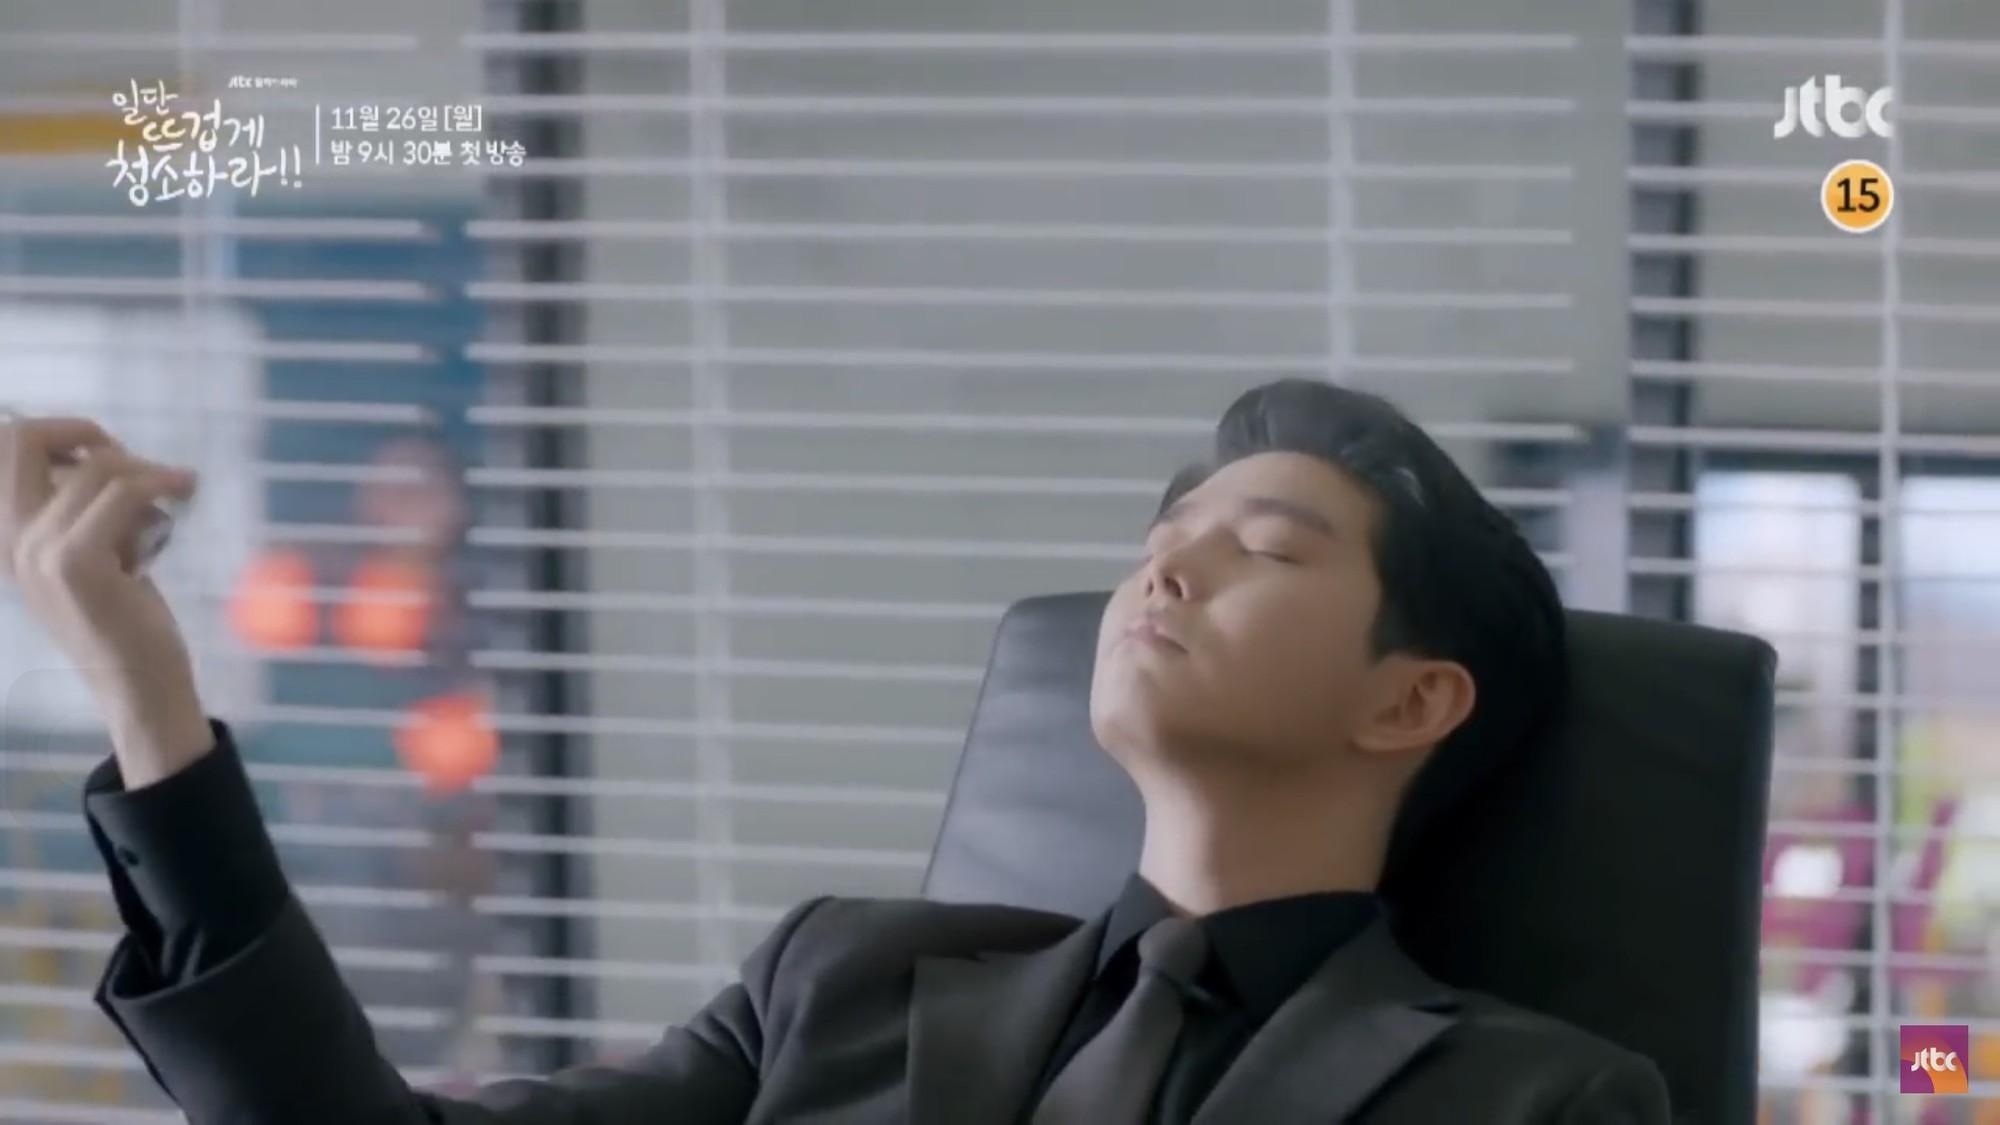 """Xem """"Cô Tiên Dọn Dẹp"""" của Kim Yoo Jung, khán giả lại chỉ để ý đến… cái bình xịt của nam chính - Ảnh 12."""